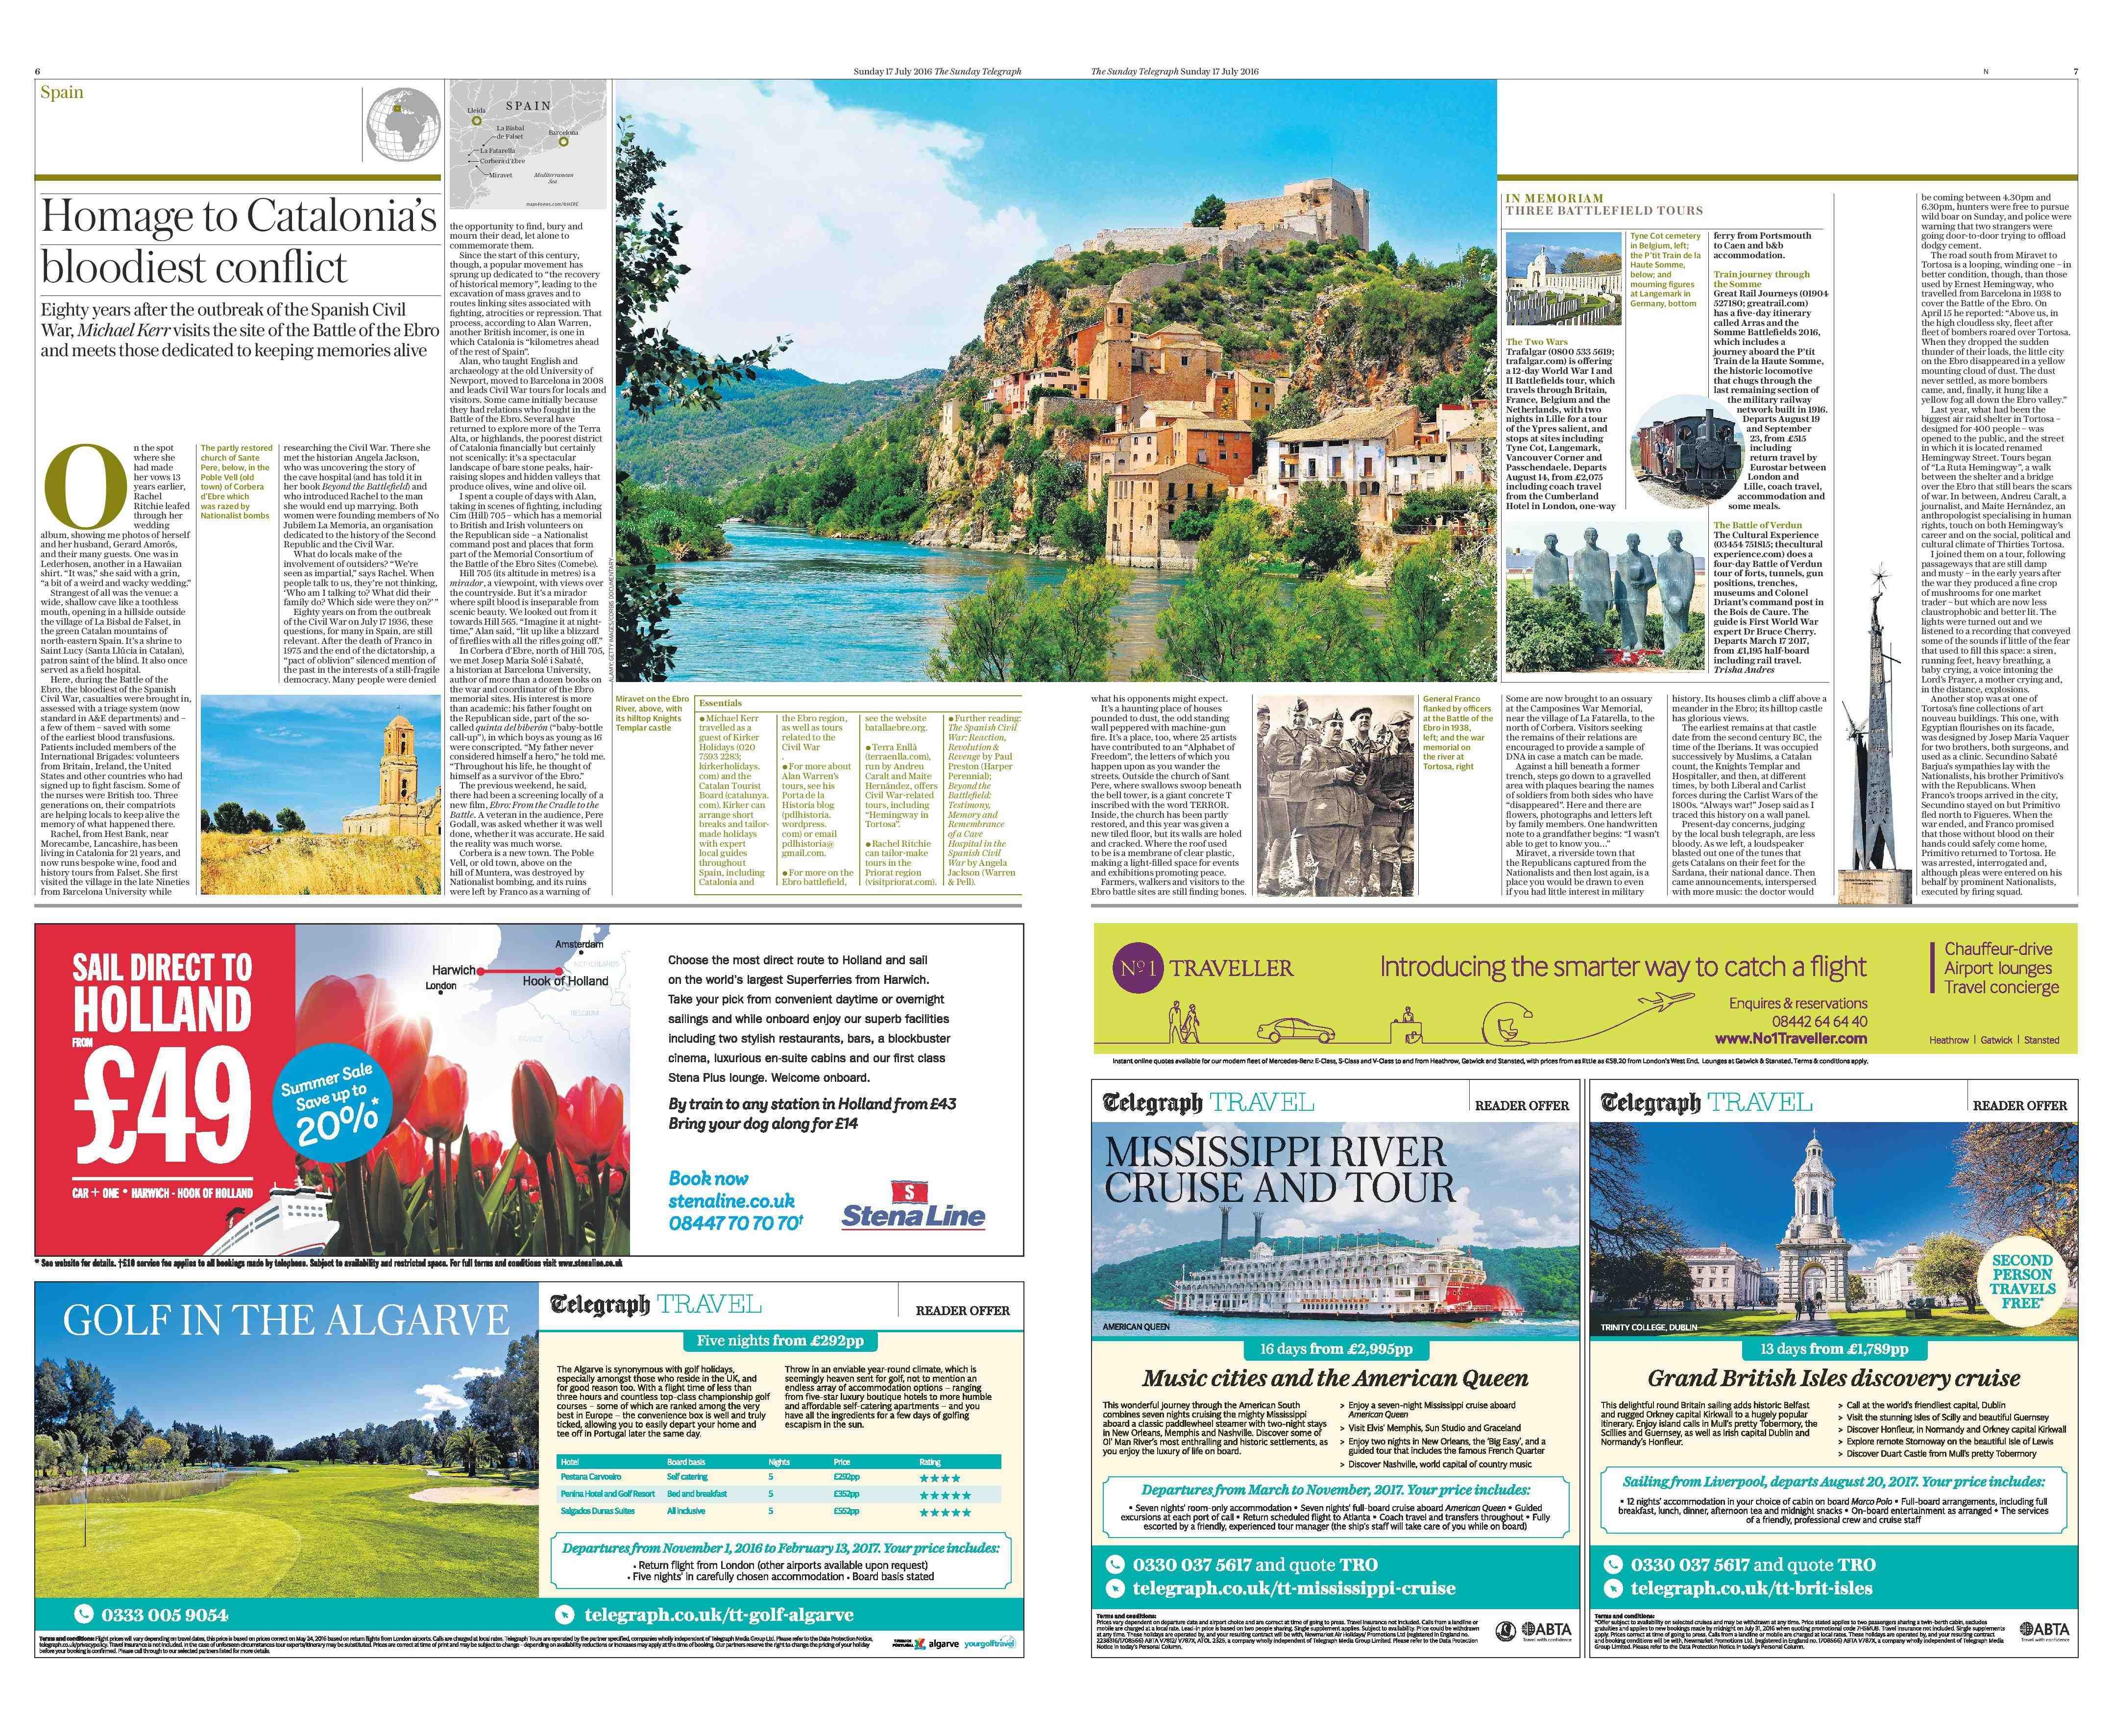 Reportatge del Sunday Telegraph sobre els espais de la batalla de l'Ebre amb crònica de la ruta Hemingway a Tortosa.